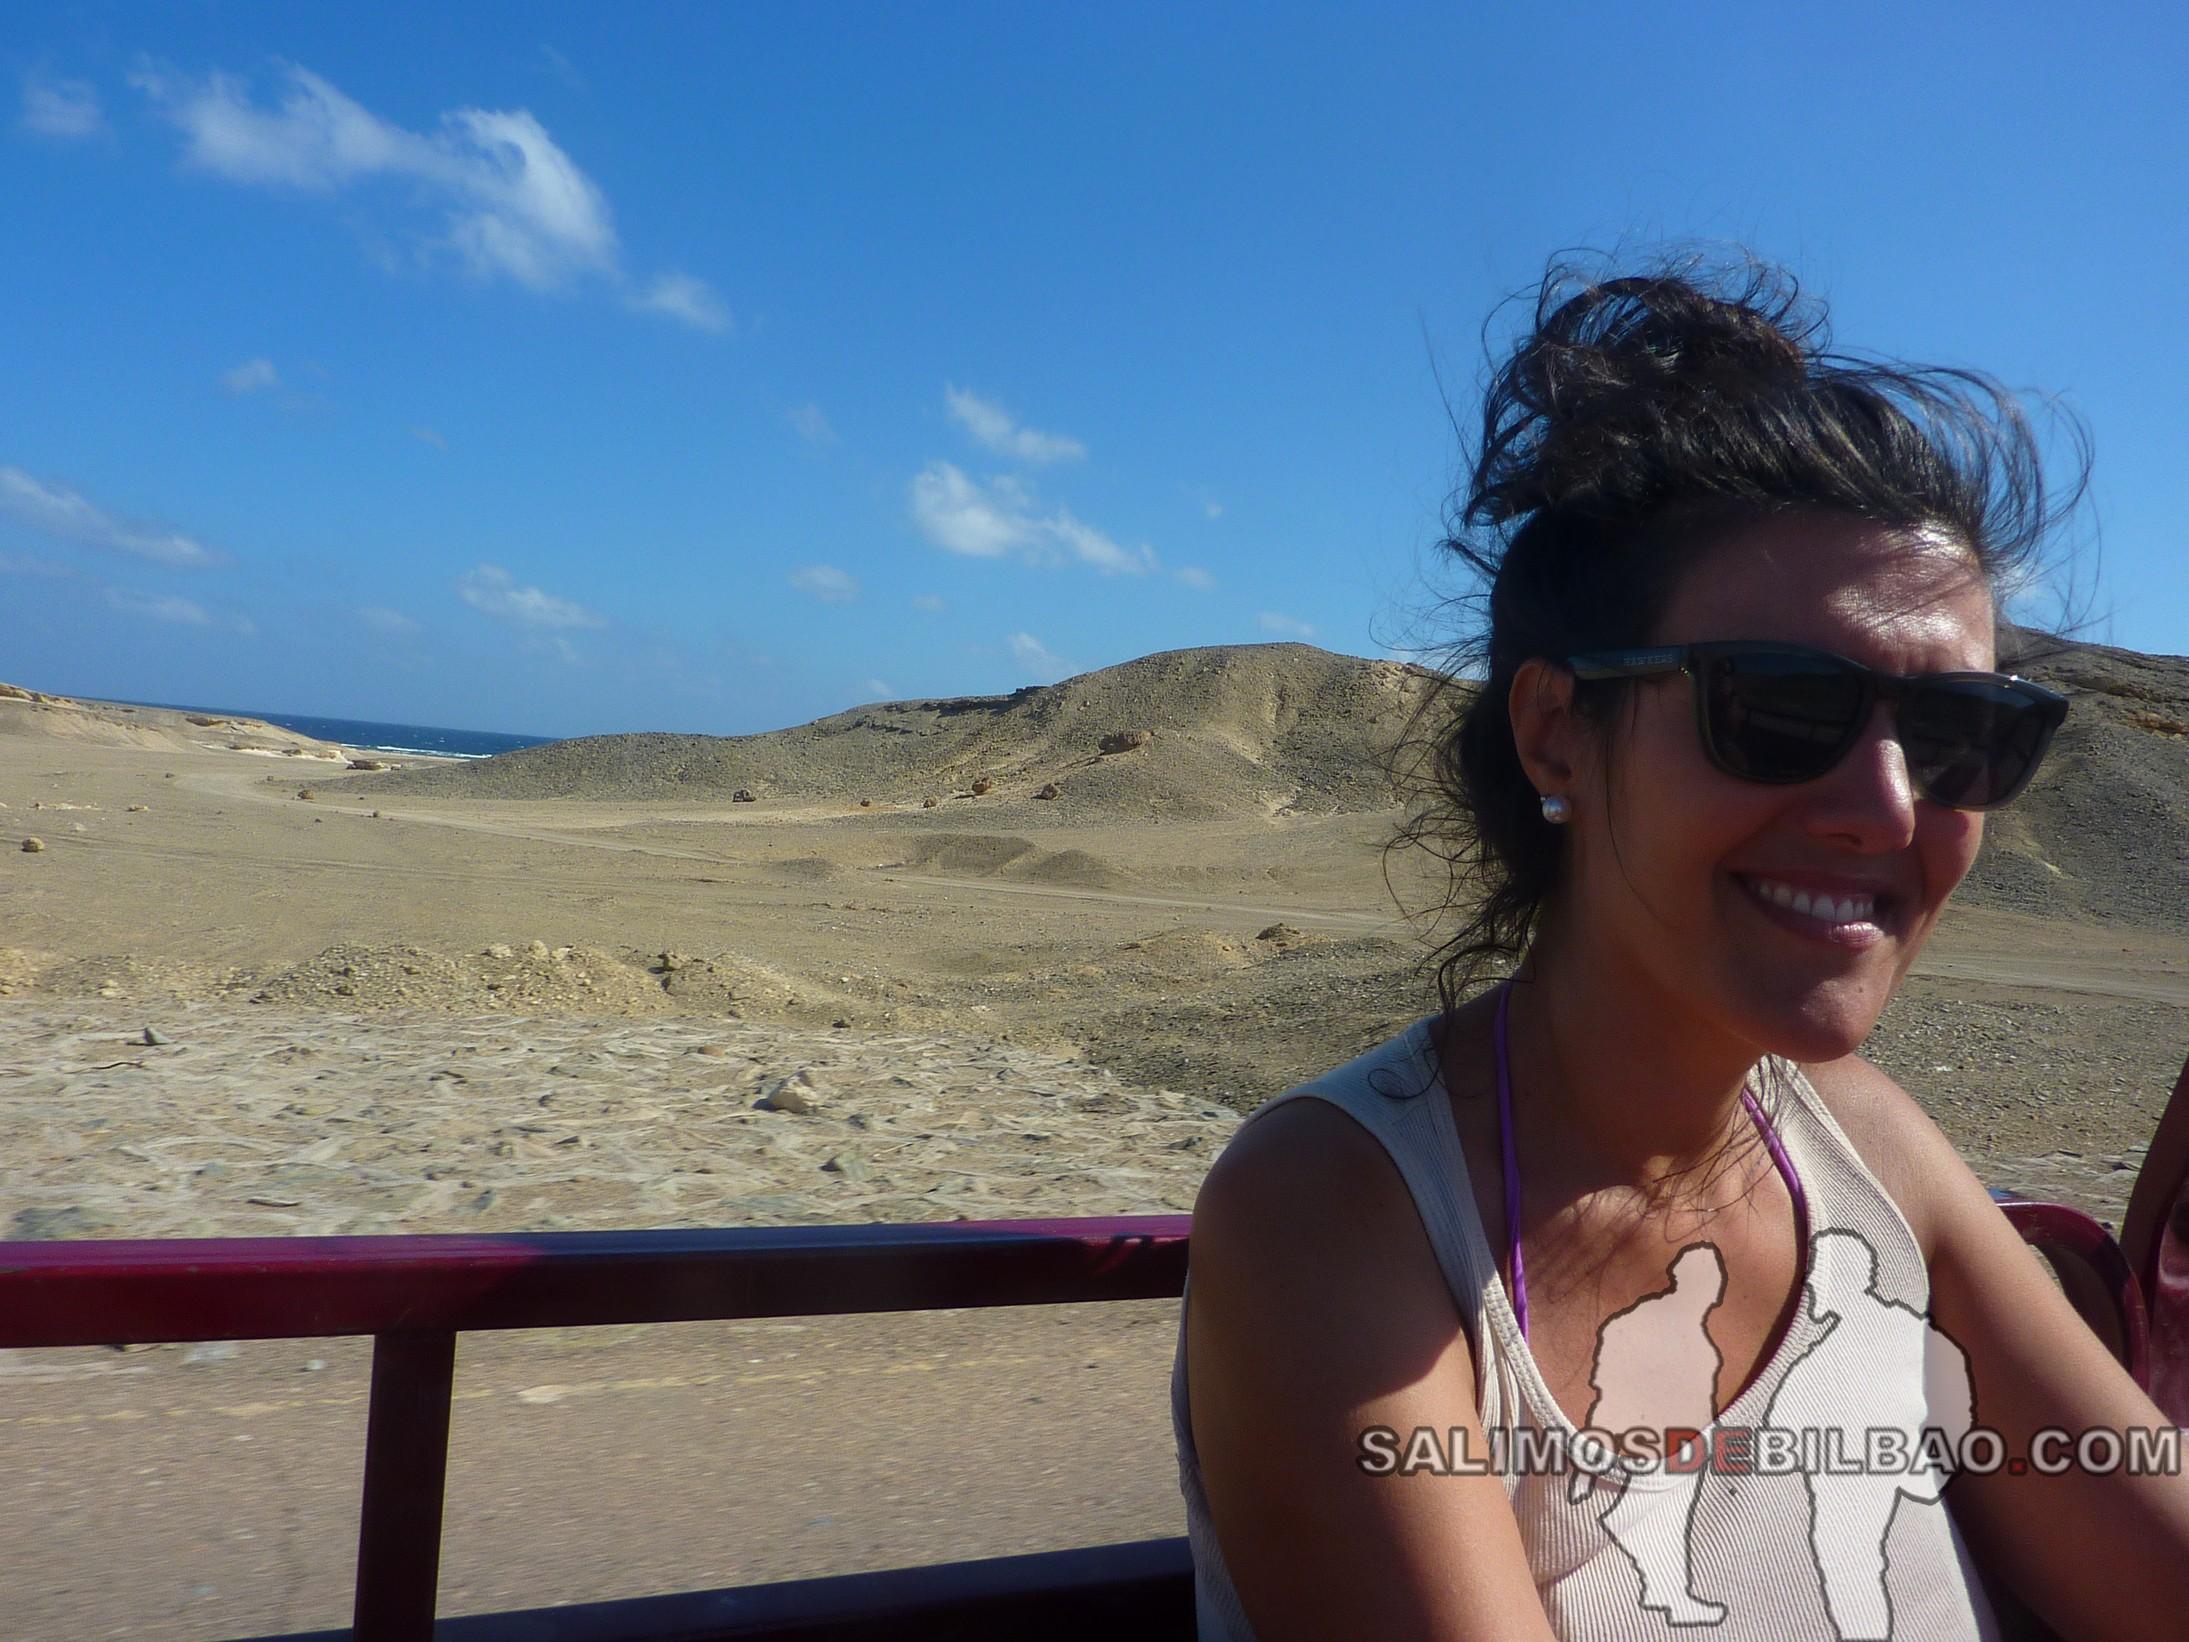 1076. Saioa en motocarro de Marsa Alam City a la playa 7 kilo